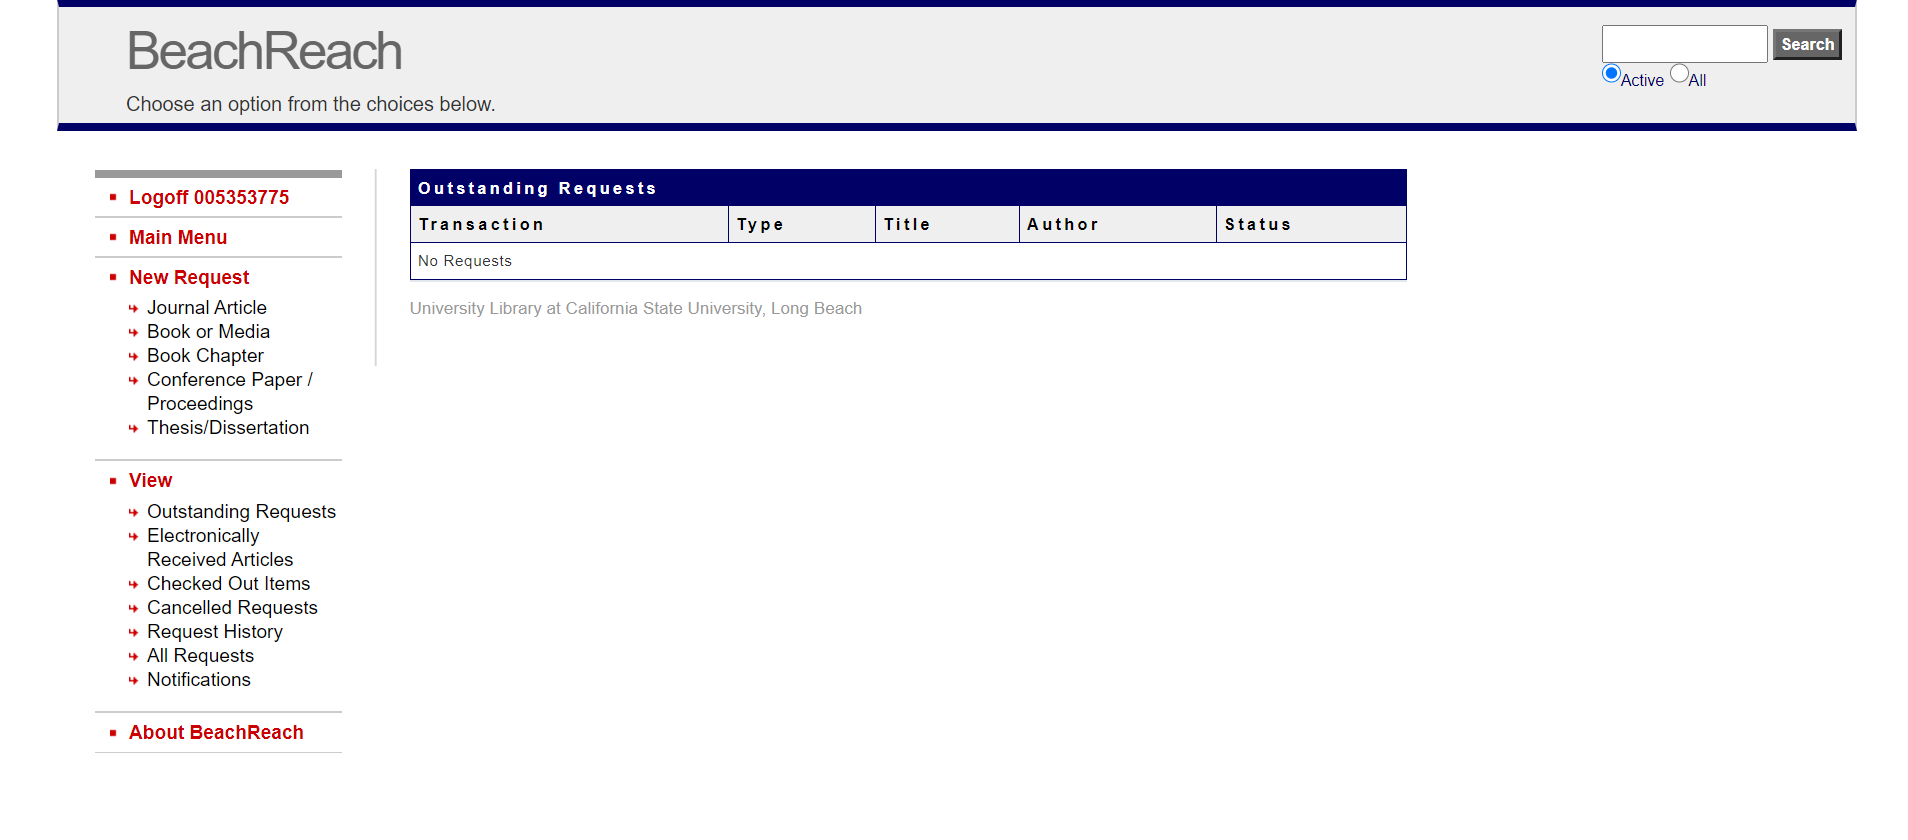 Screenshot of BeachReach online form